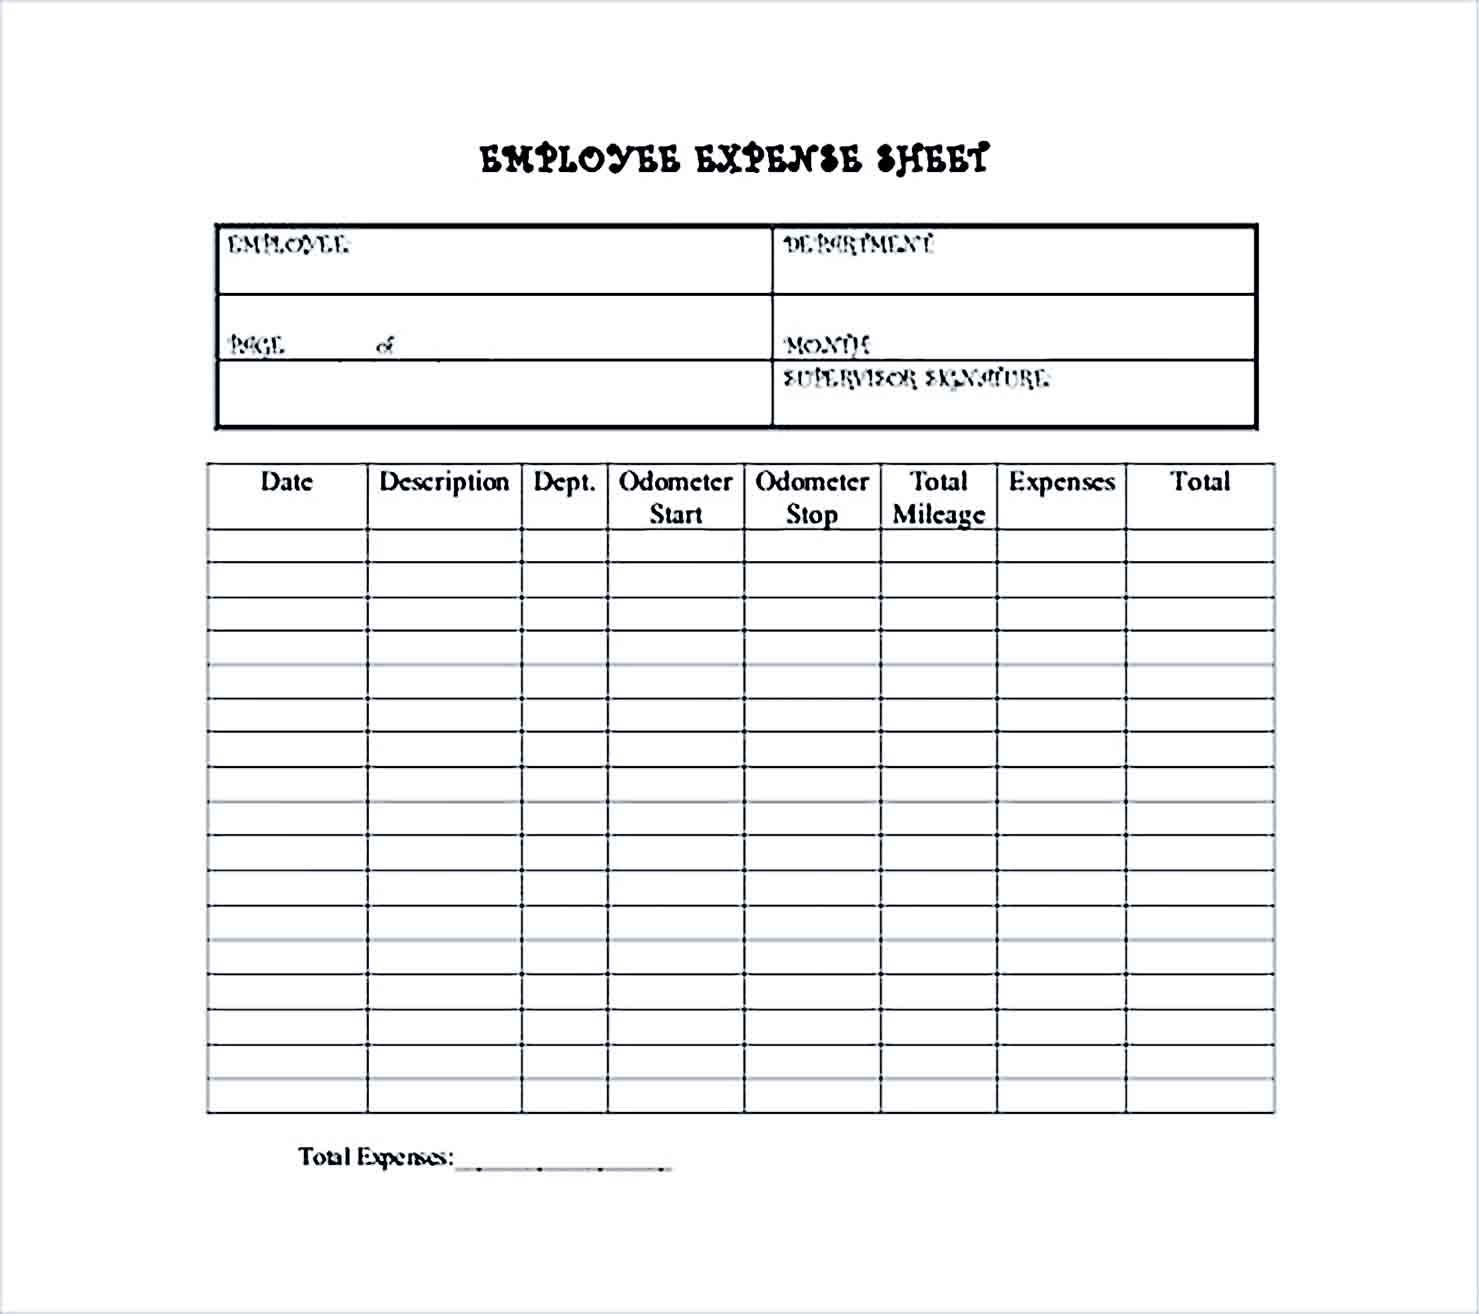 Sample Employee Expense Sheet